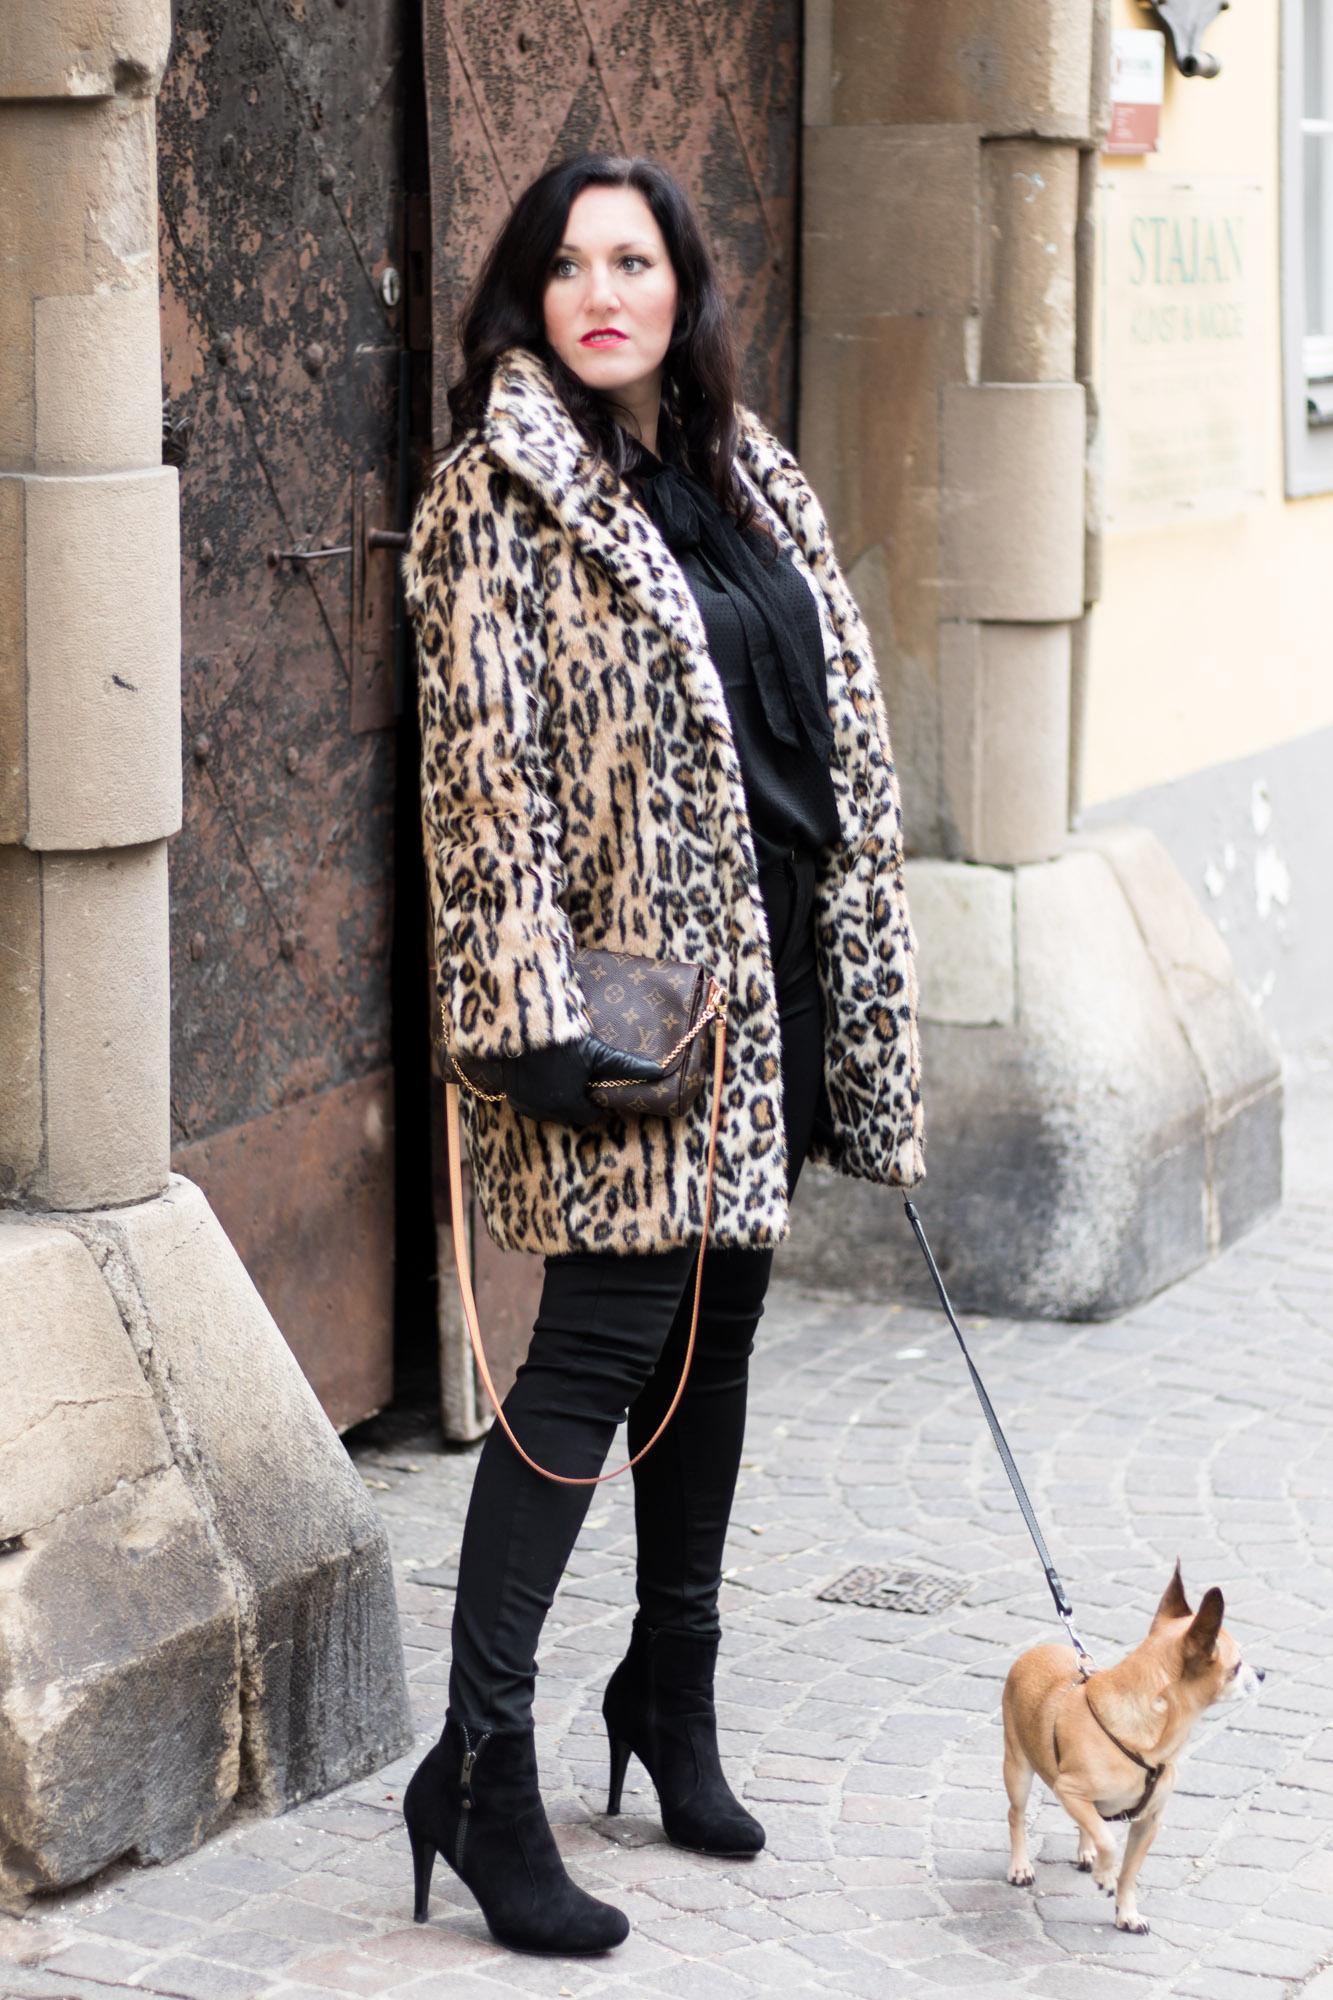 OUTFIT Fake Fur Mantel mit Leopardenmuster und schwarzer Skinny Jeans, Miss Classy, Grazer Fashion Blog, Lifestyle Blog, Bloggerin Graz, classy Fashion, Faux Fur Mantel, Leopardenprint, Fake Fur, Chihuahua, Hund, Lederhandschuhe, Favorite Clutch von Louis Vuitton, schwarze Bluse, Stiefeletten